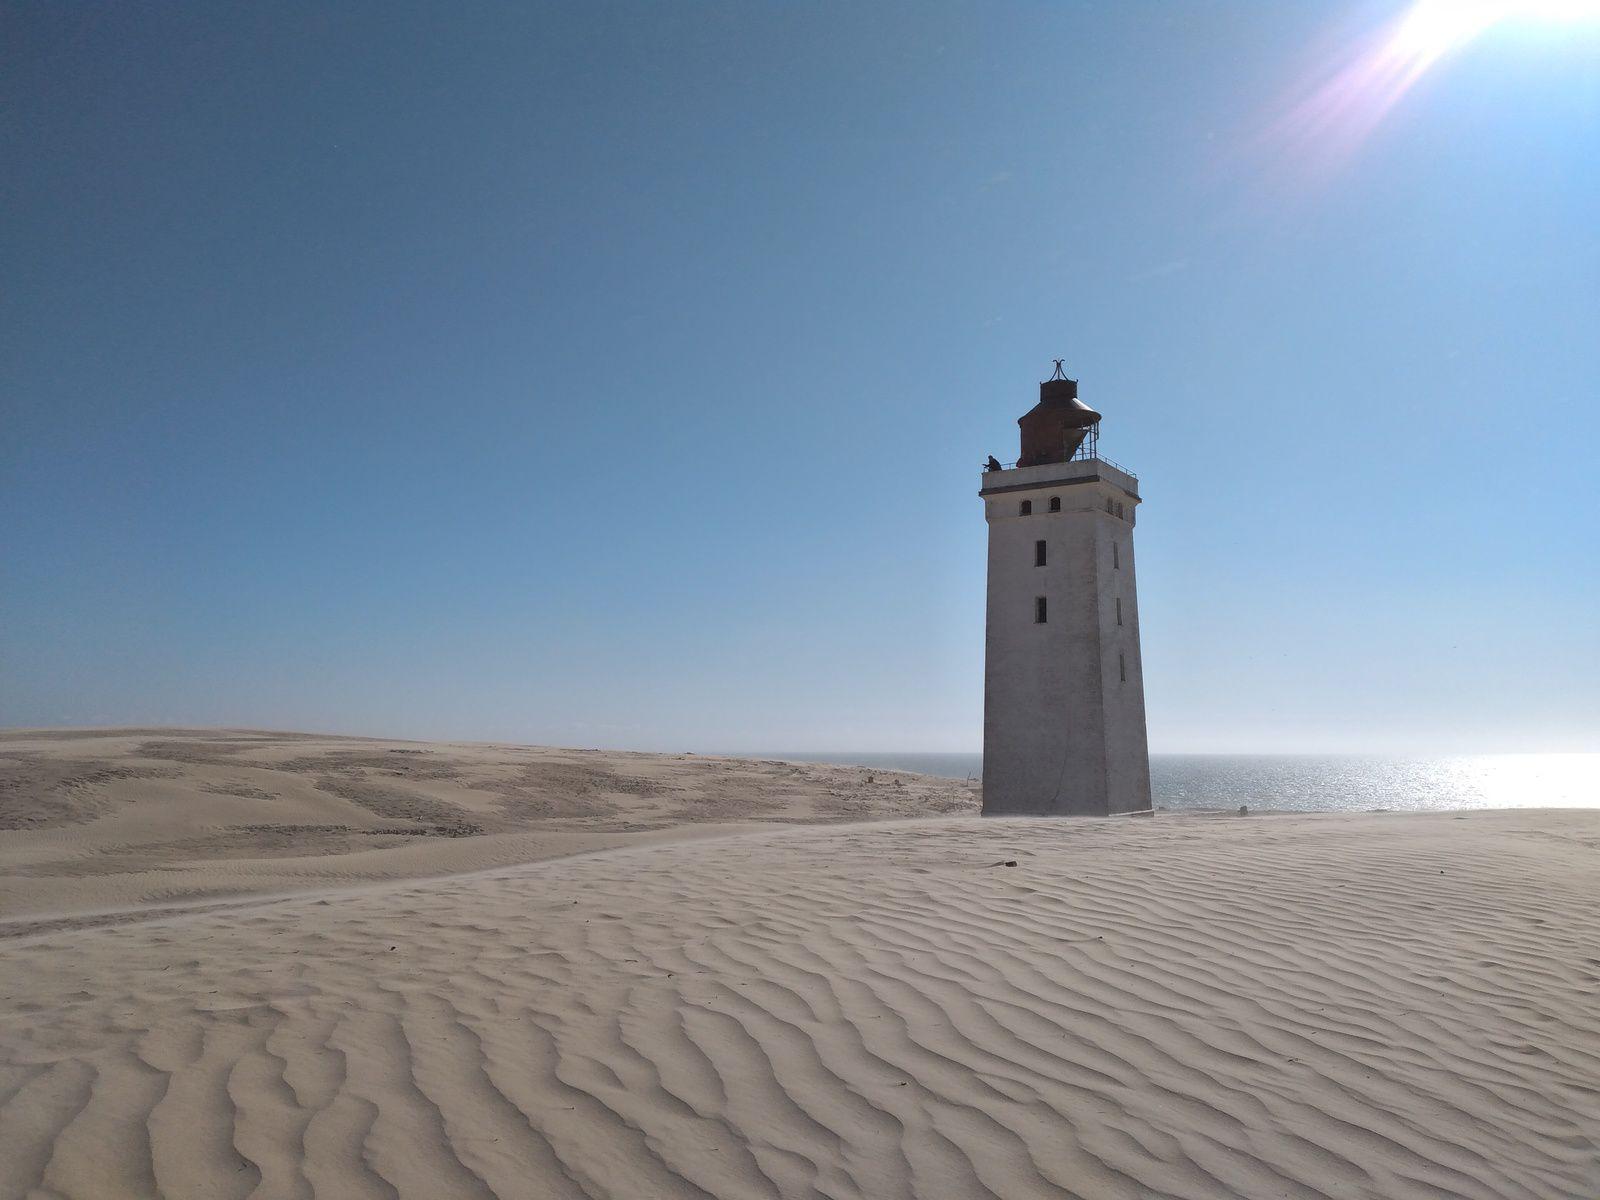 Une tempête de sable au Danemark !